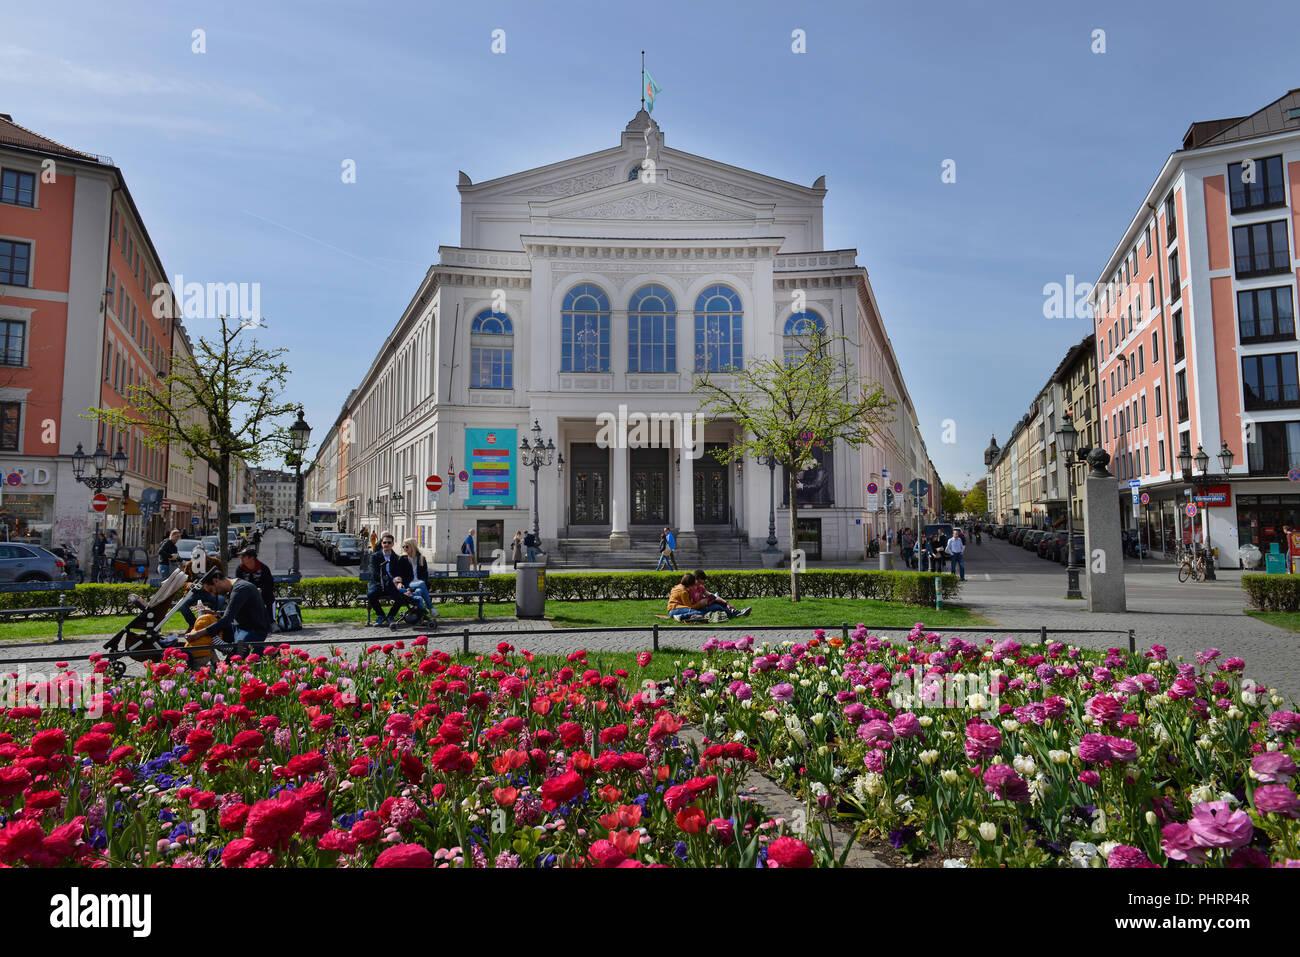 Theater, Gaertnerplatz, Muenchen, Bayern, Deutschland Stock Photo